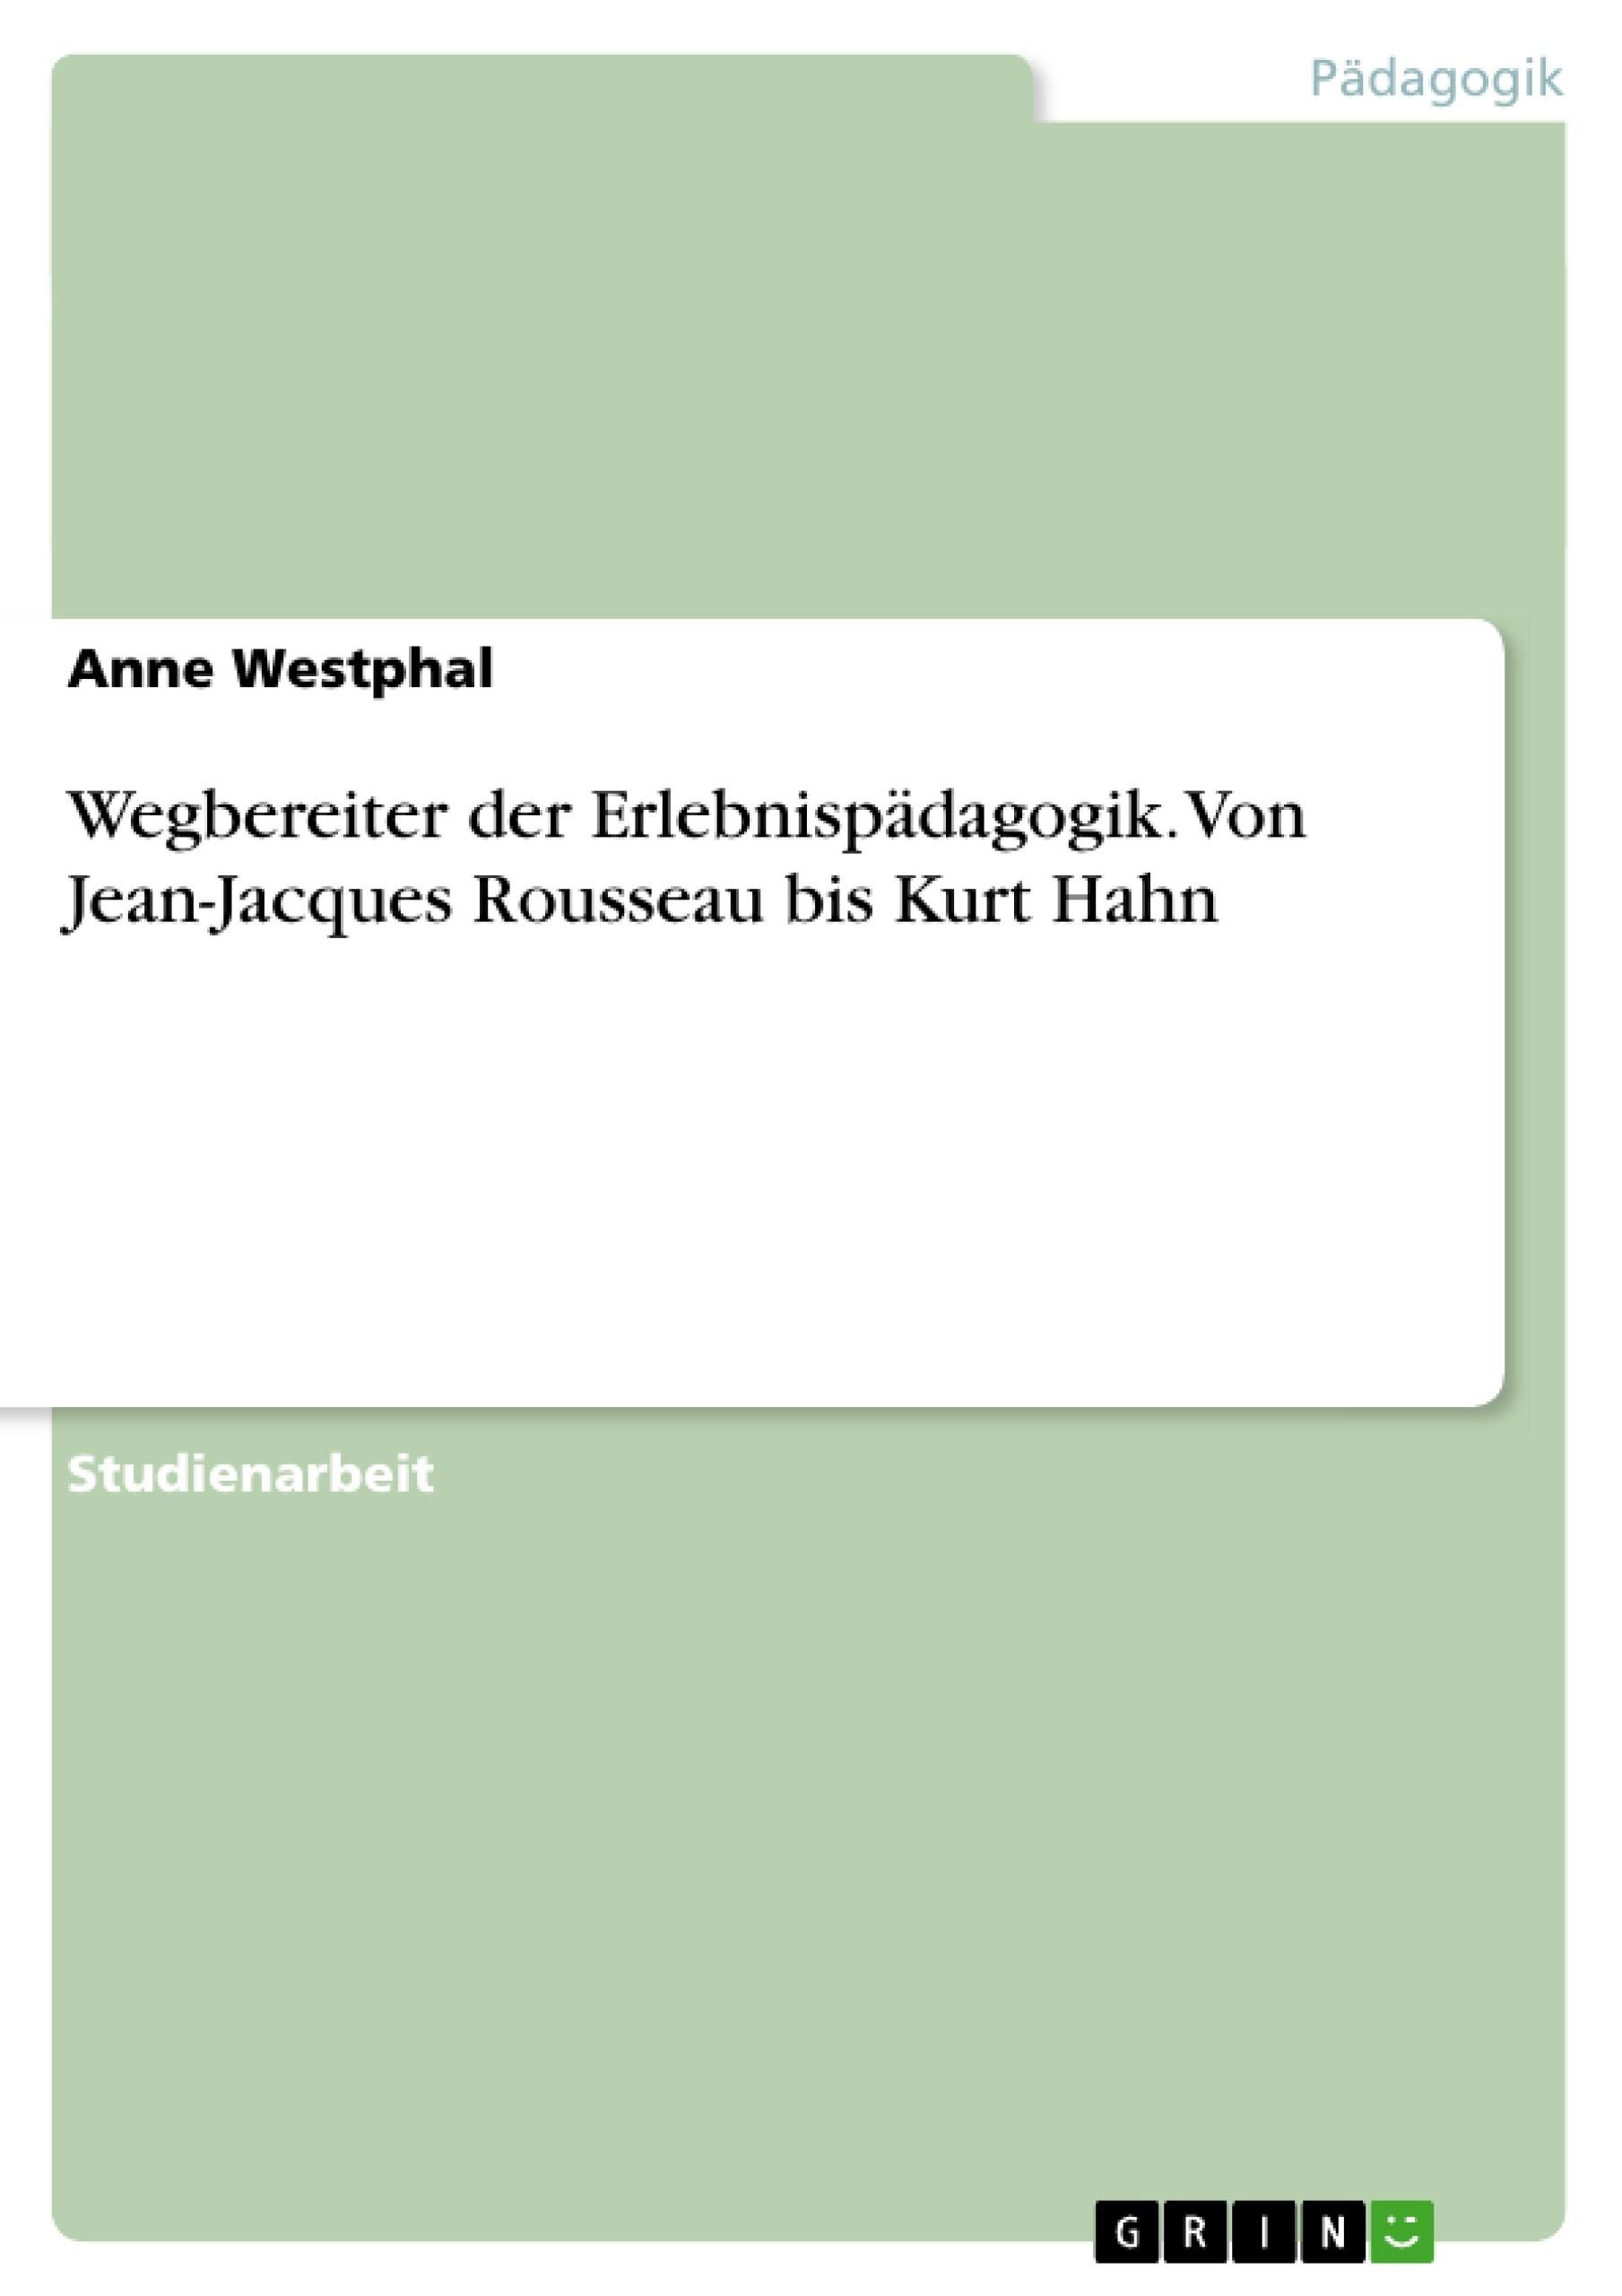 Titel: Wegbereiter der Erlebnispädagogik. Von Jean-Jacques Rousseau bis Kurt Hahn